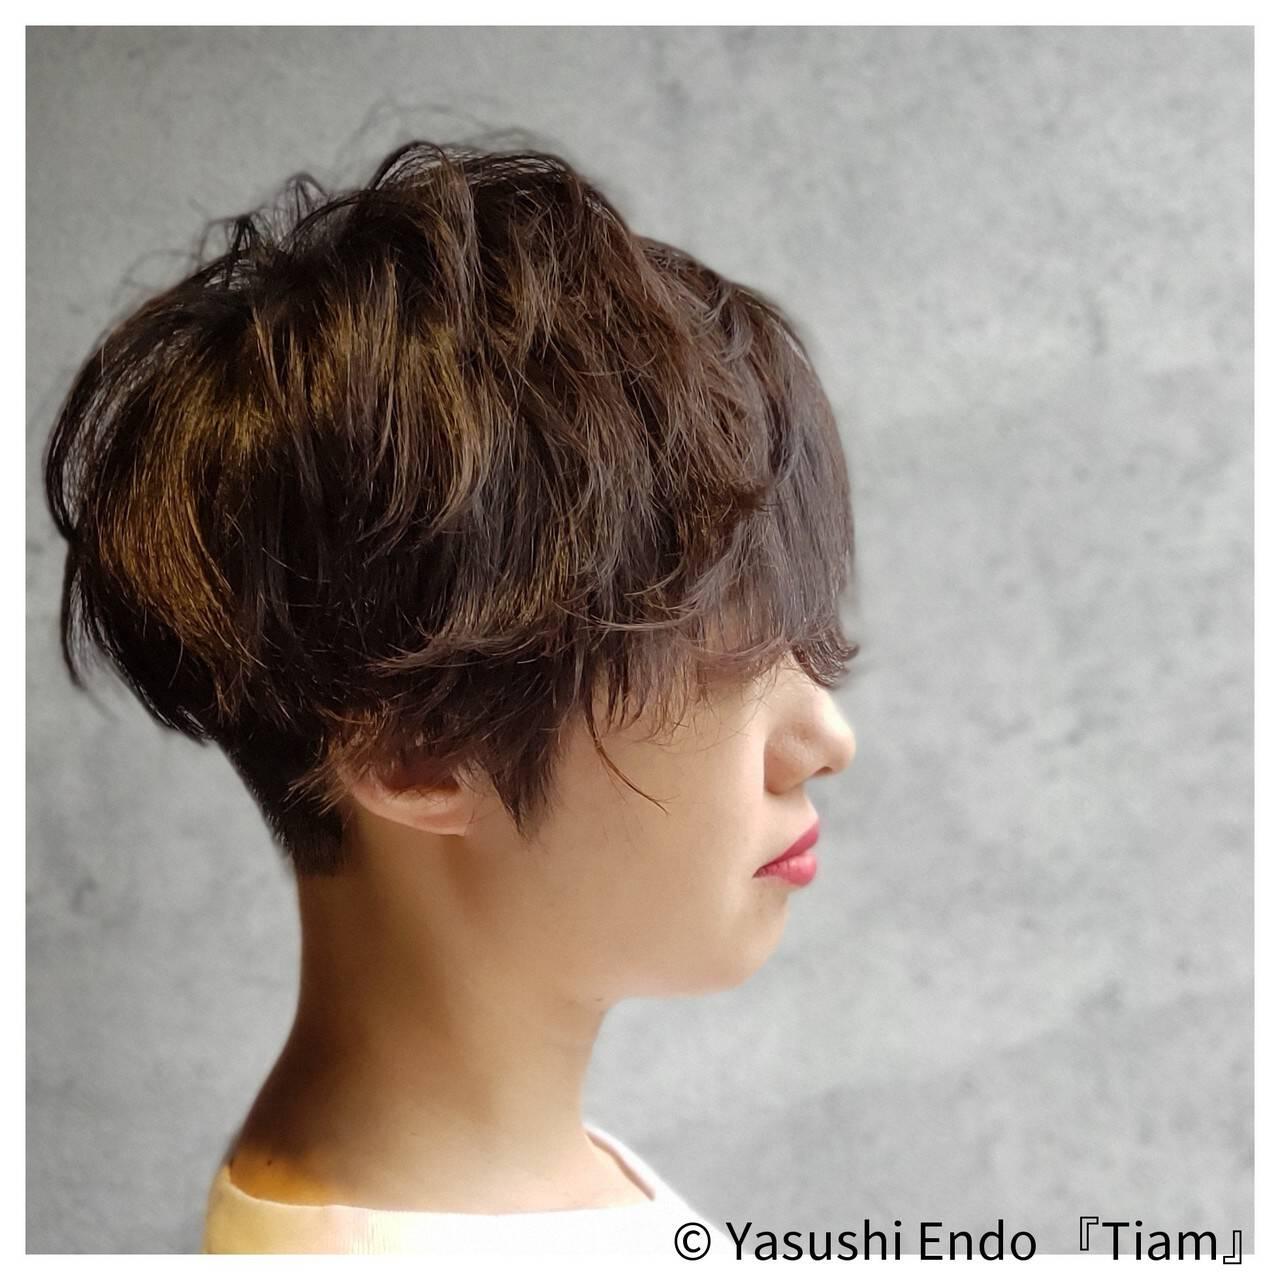 大人ヘアスタイル ナチュラル可愛い 刈り上げ女子 モードヘアスタイルや髪型の写真・画像